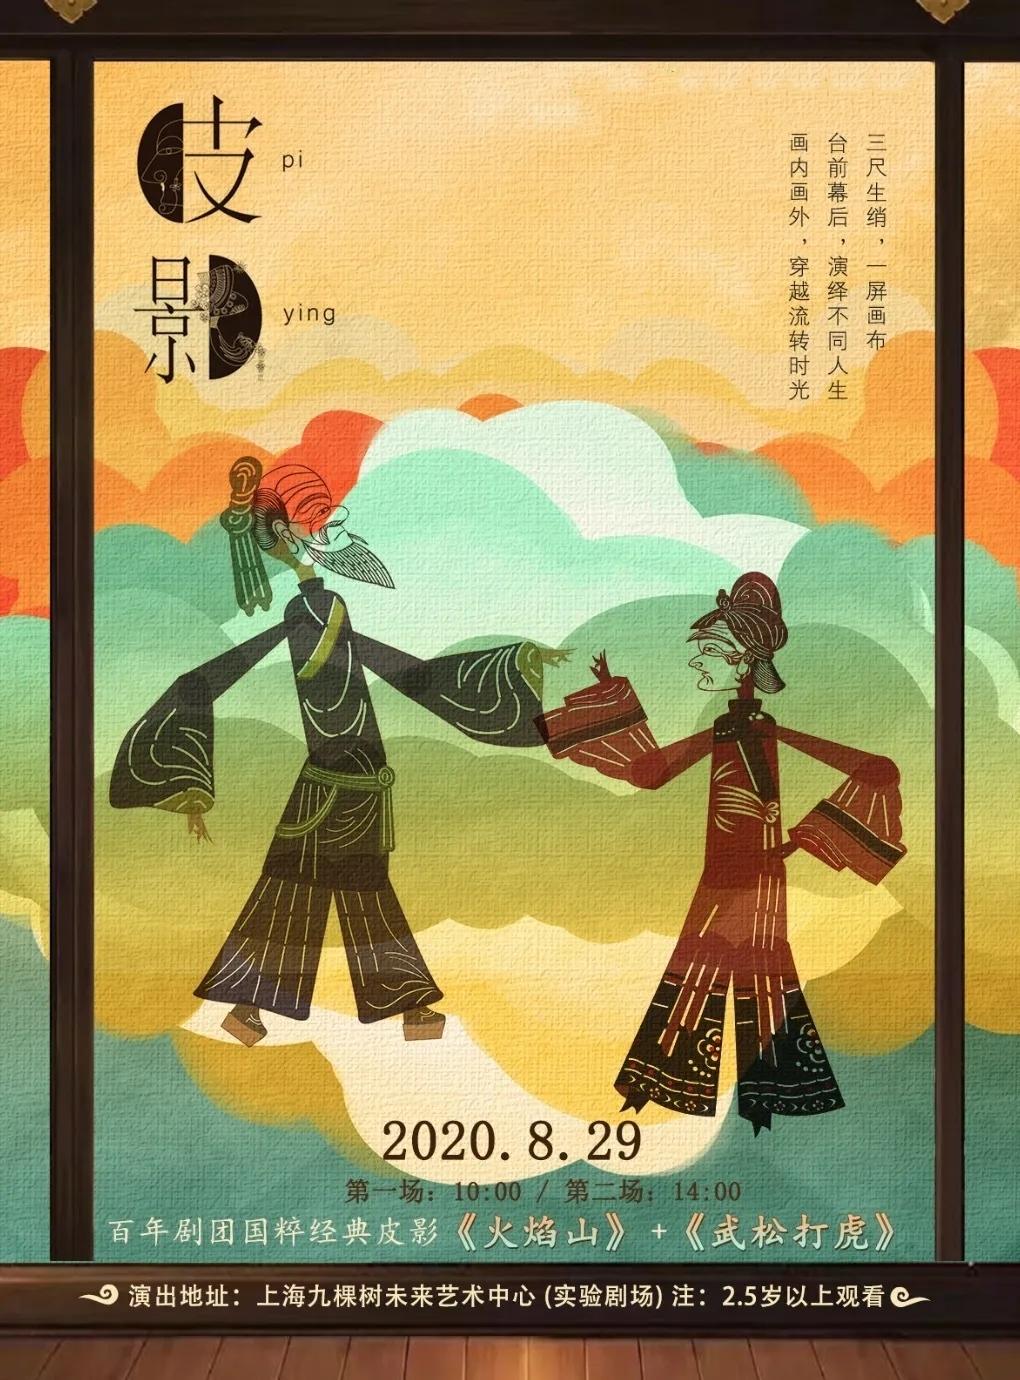 【上海】马氏皮影戏《火焰山》&《武松打虎》